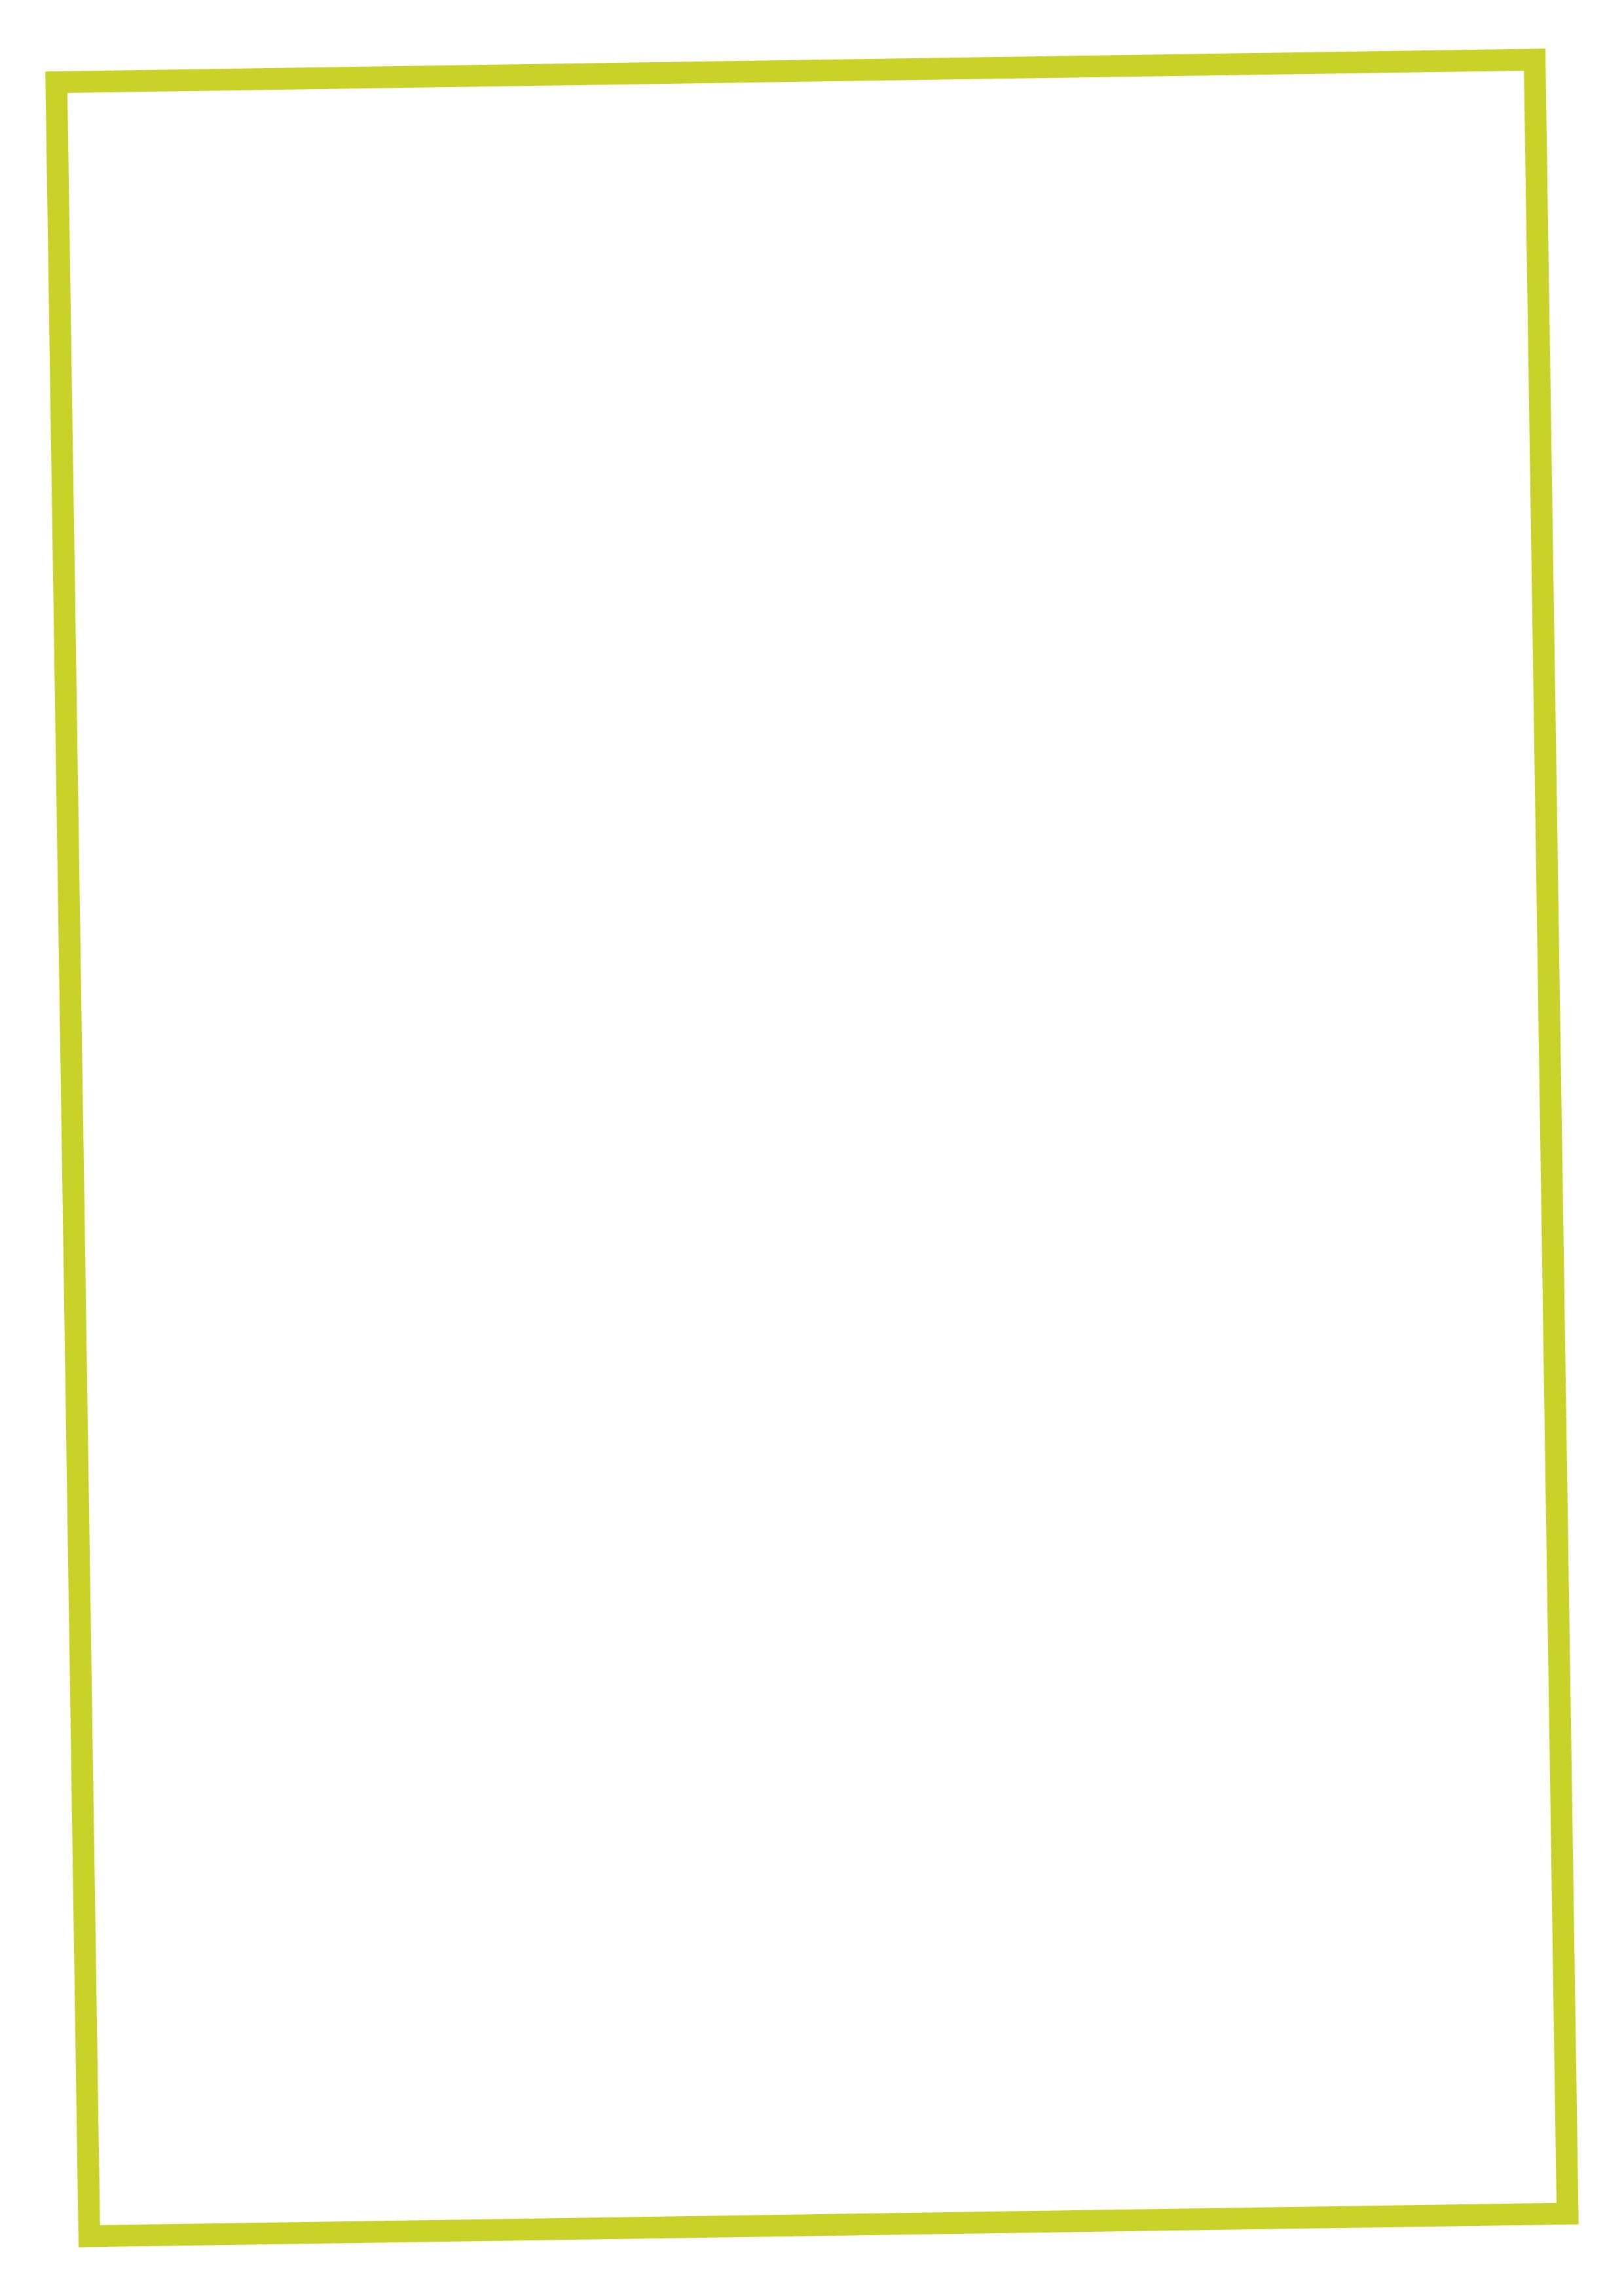 Tolle Rahmen Vorlagen Galerie - Beispielzusammenfassung Ideen ...